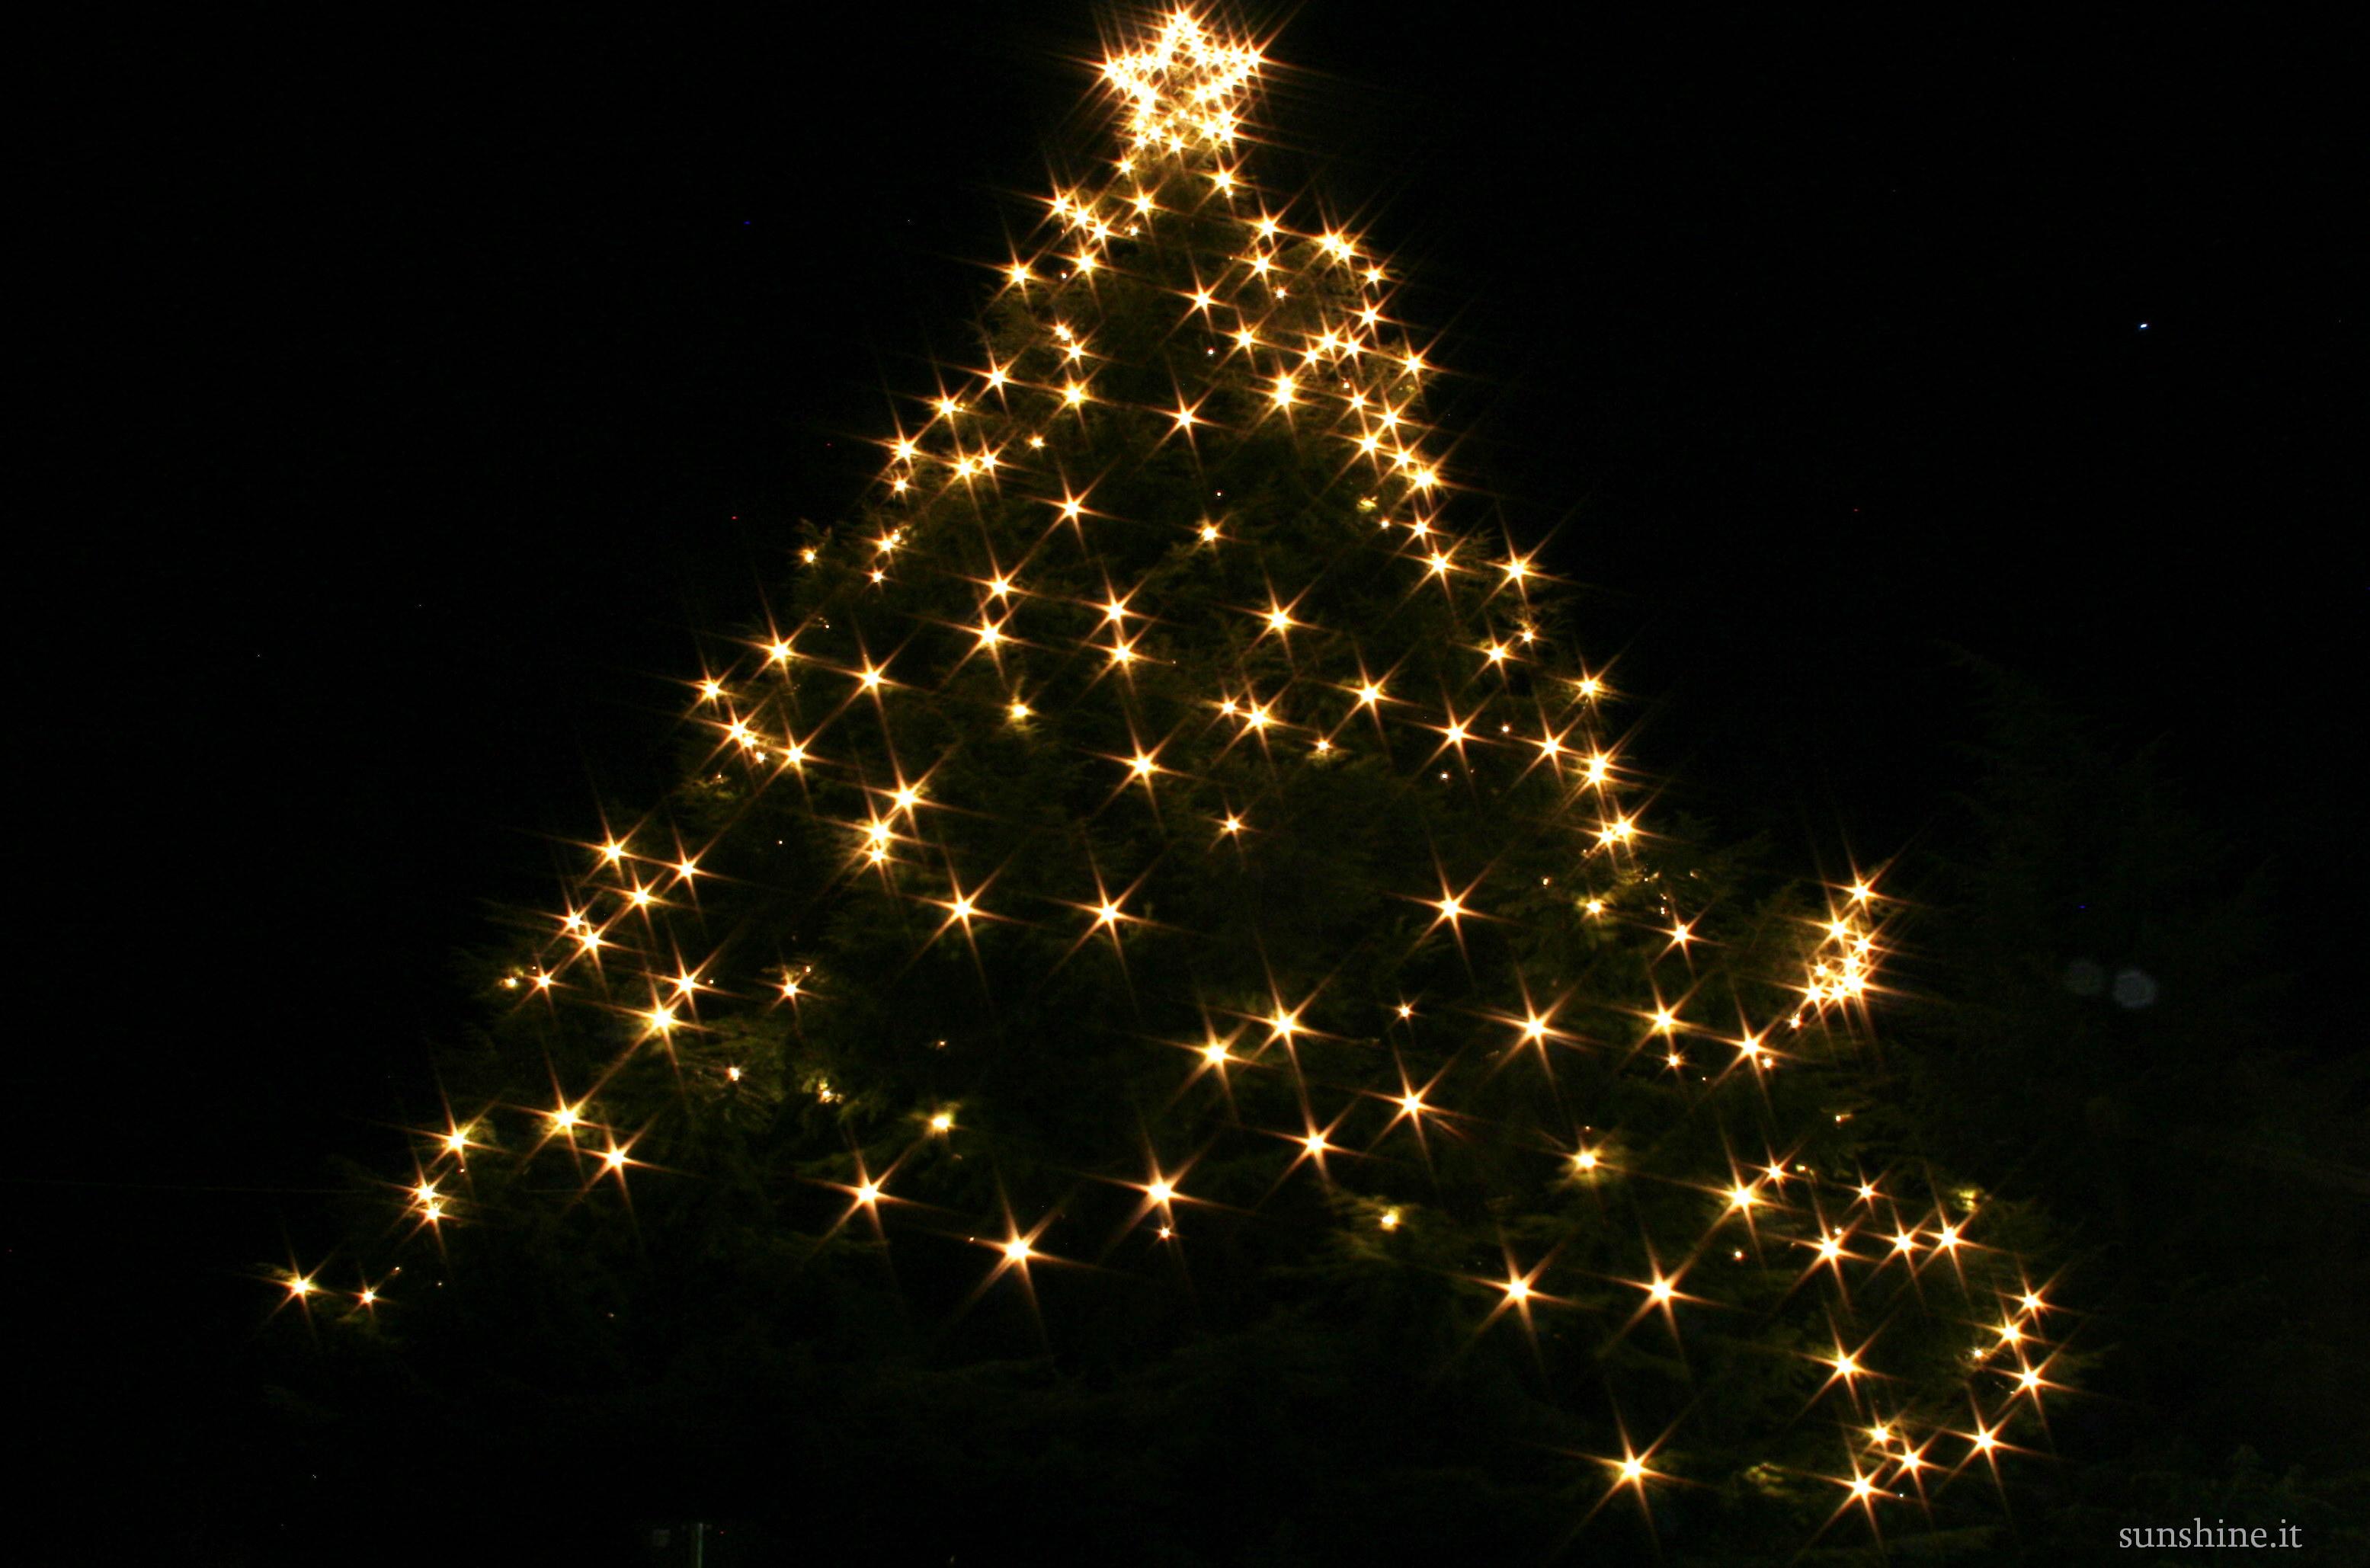 Weihnachtsbaum Lana 2010